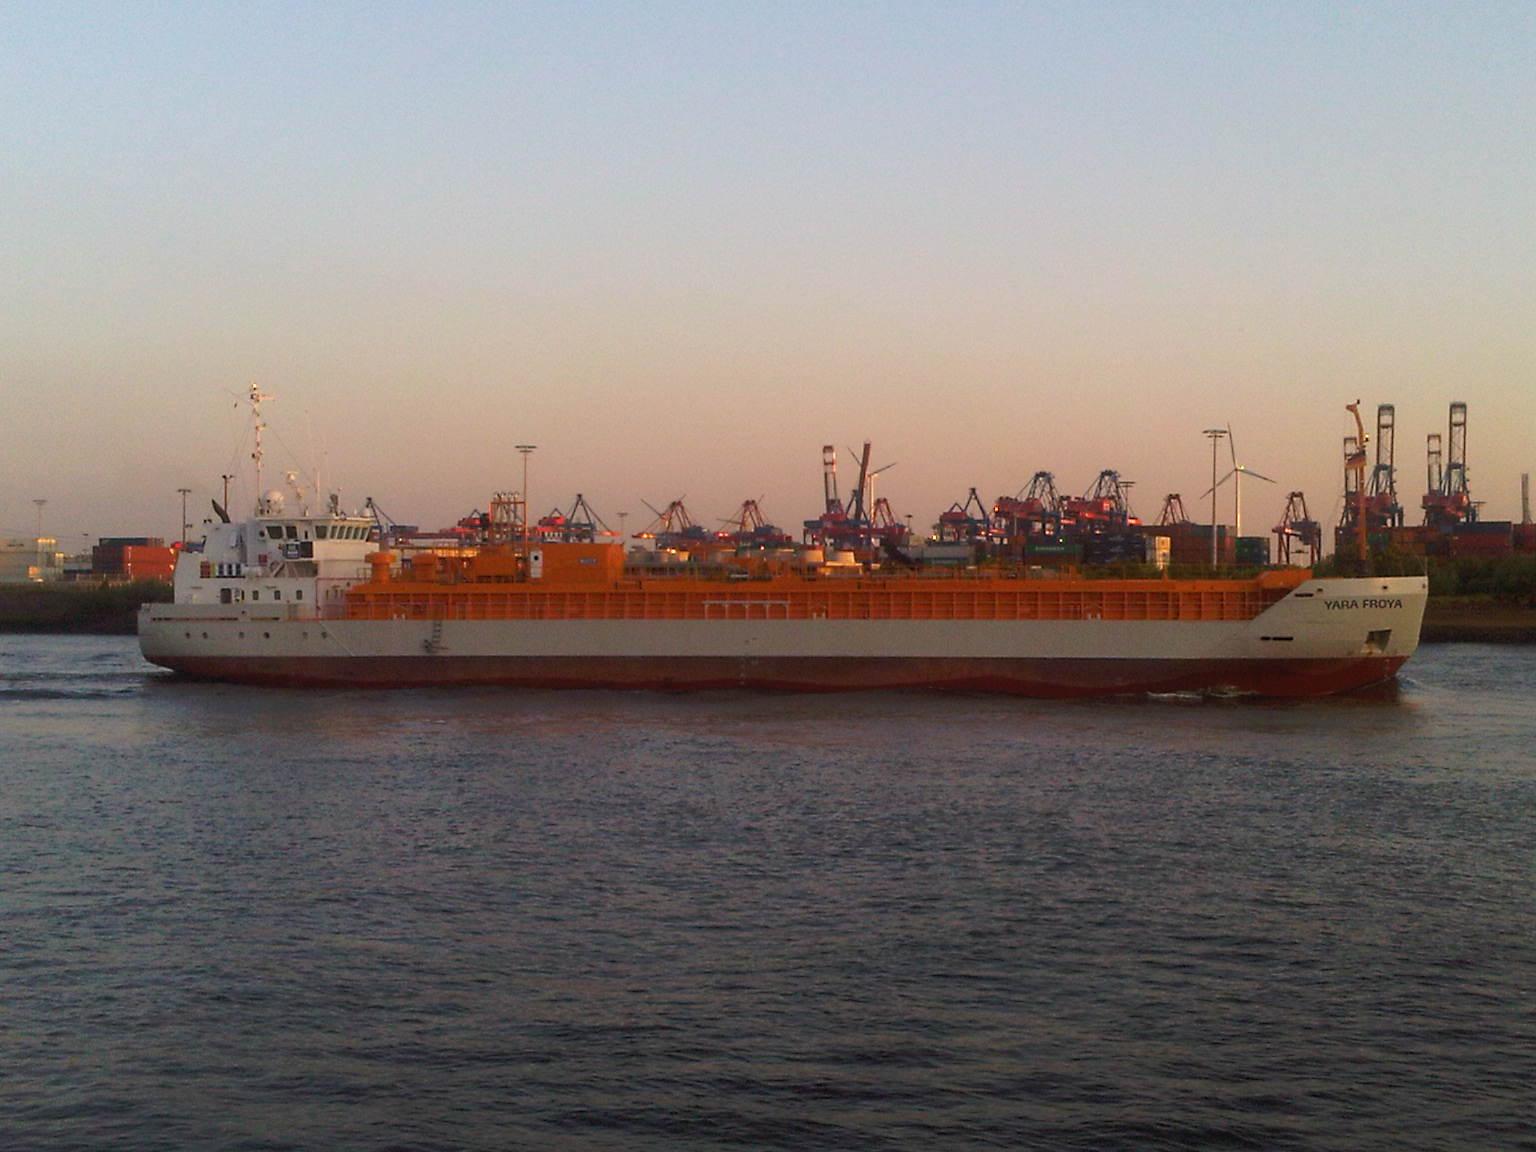 Frachter Yara Froya im Hamburger Hafen. Im Hintergrund Container Terminal.